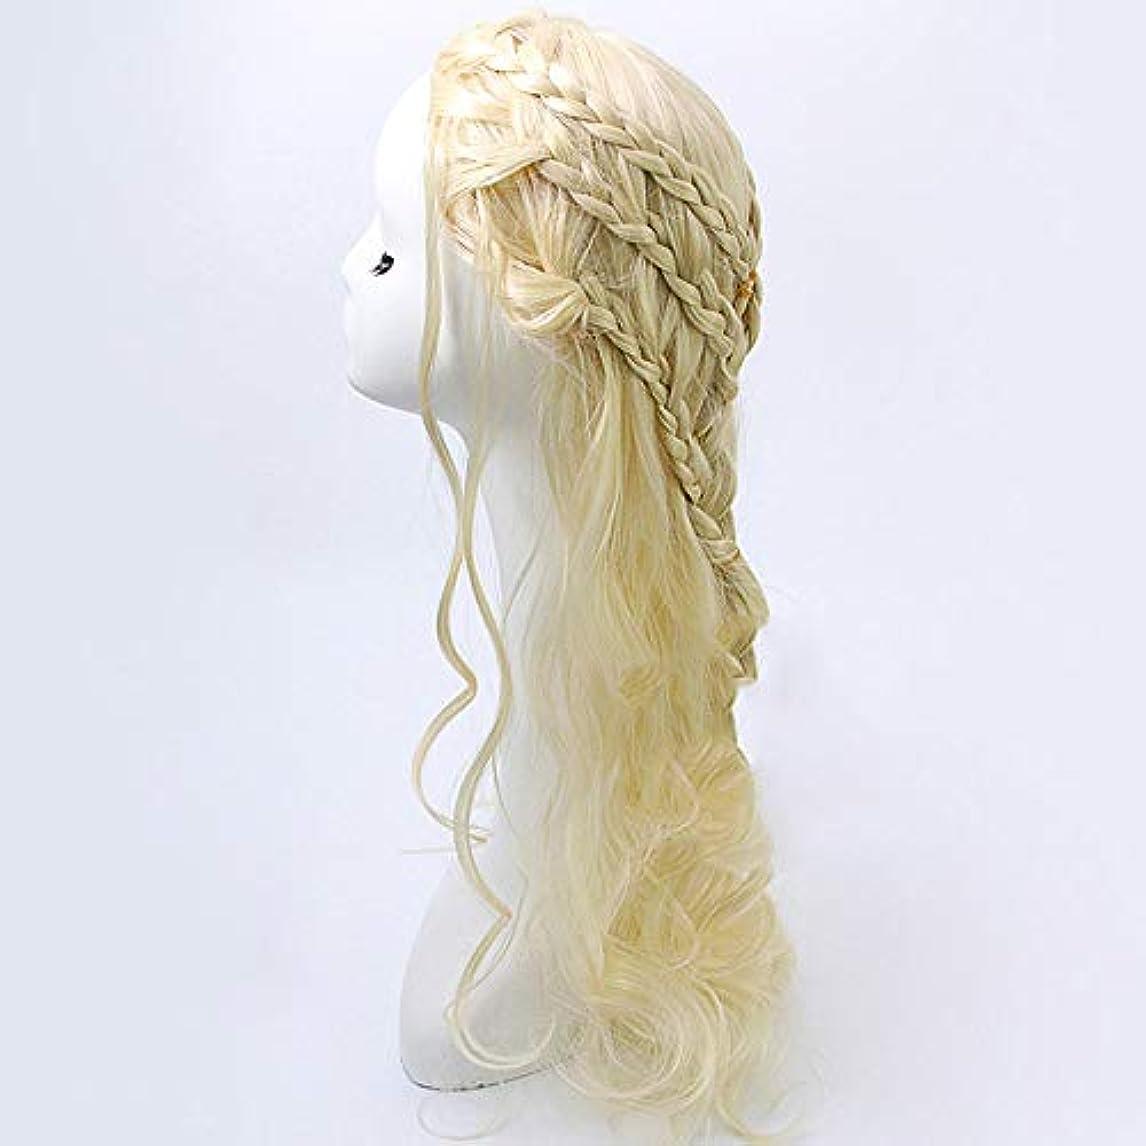 気になるうがいどうやらWASAIO ブロンドのかつらライト前髪自然に見える長い巻き毛のかつら65 cm (色 : Blonde)